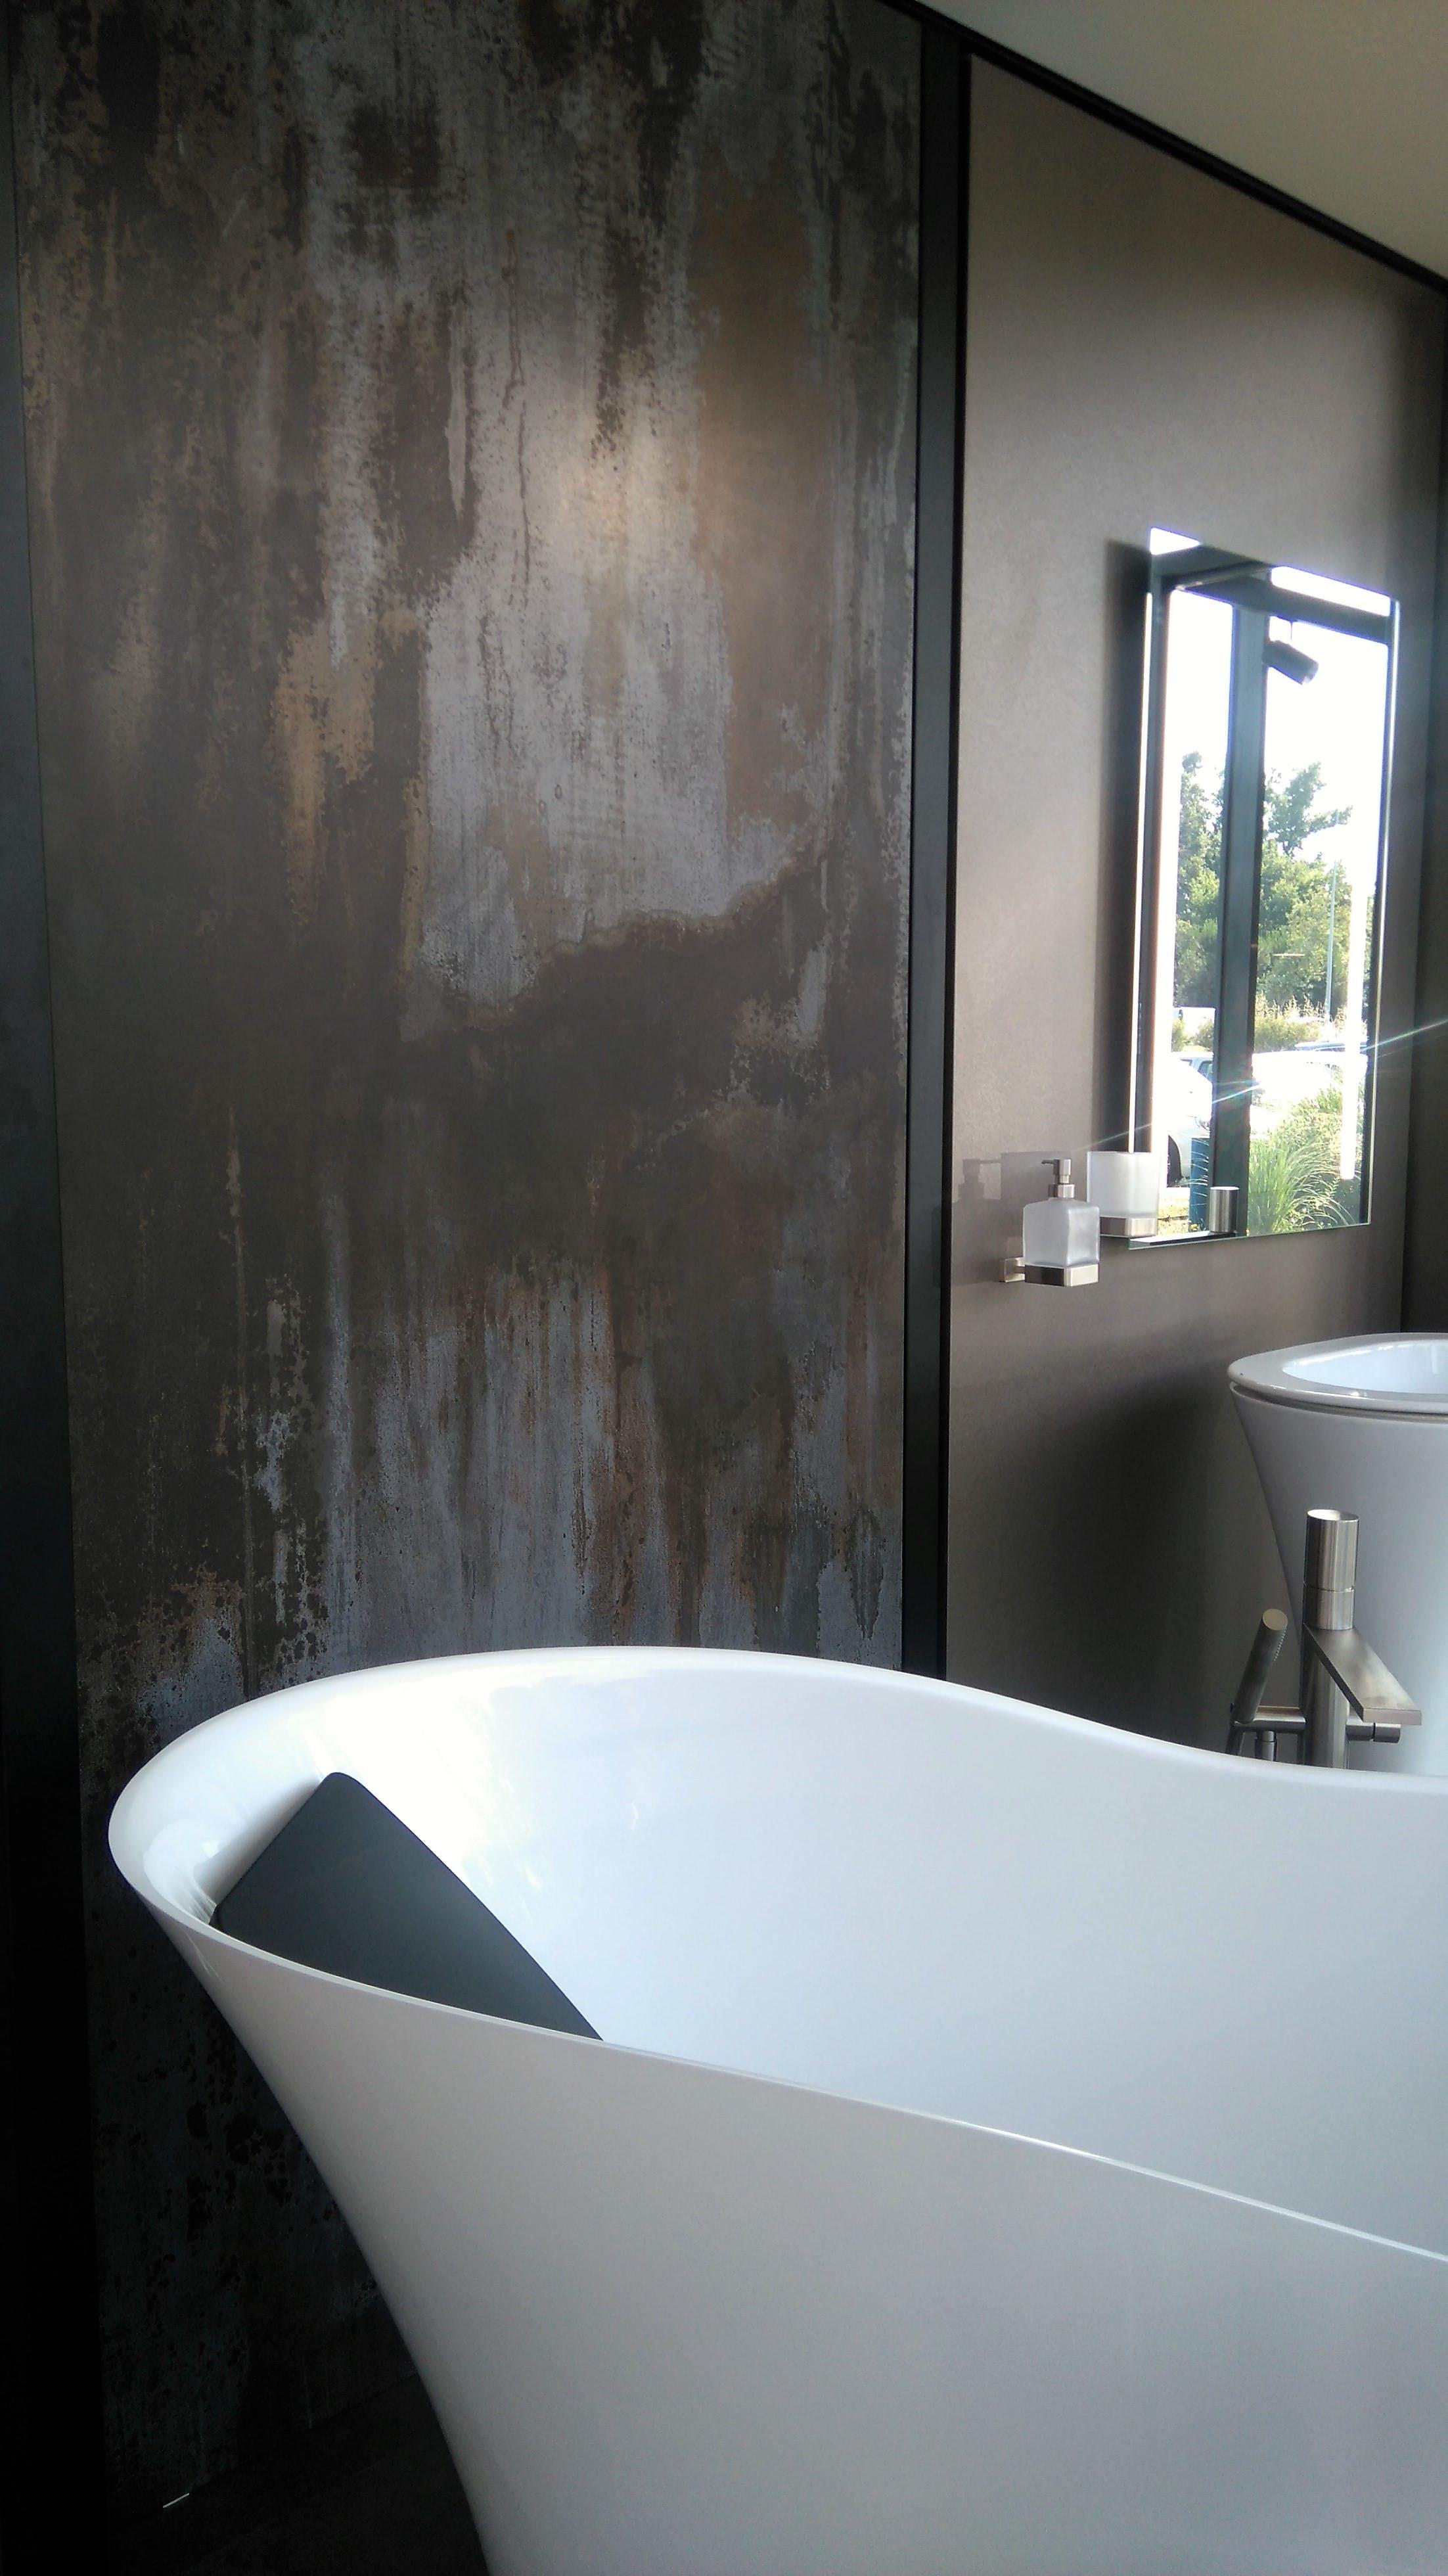 Espace Salle De Bain dekton - exposition espace salle de bain |cosentino